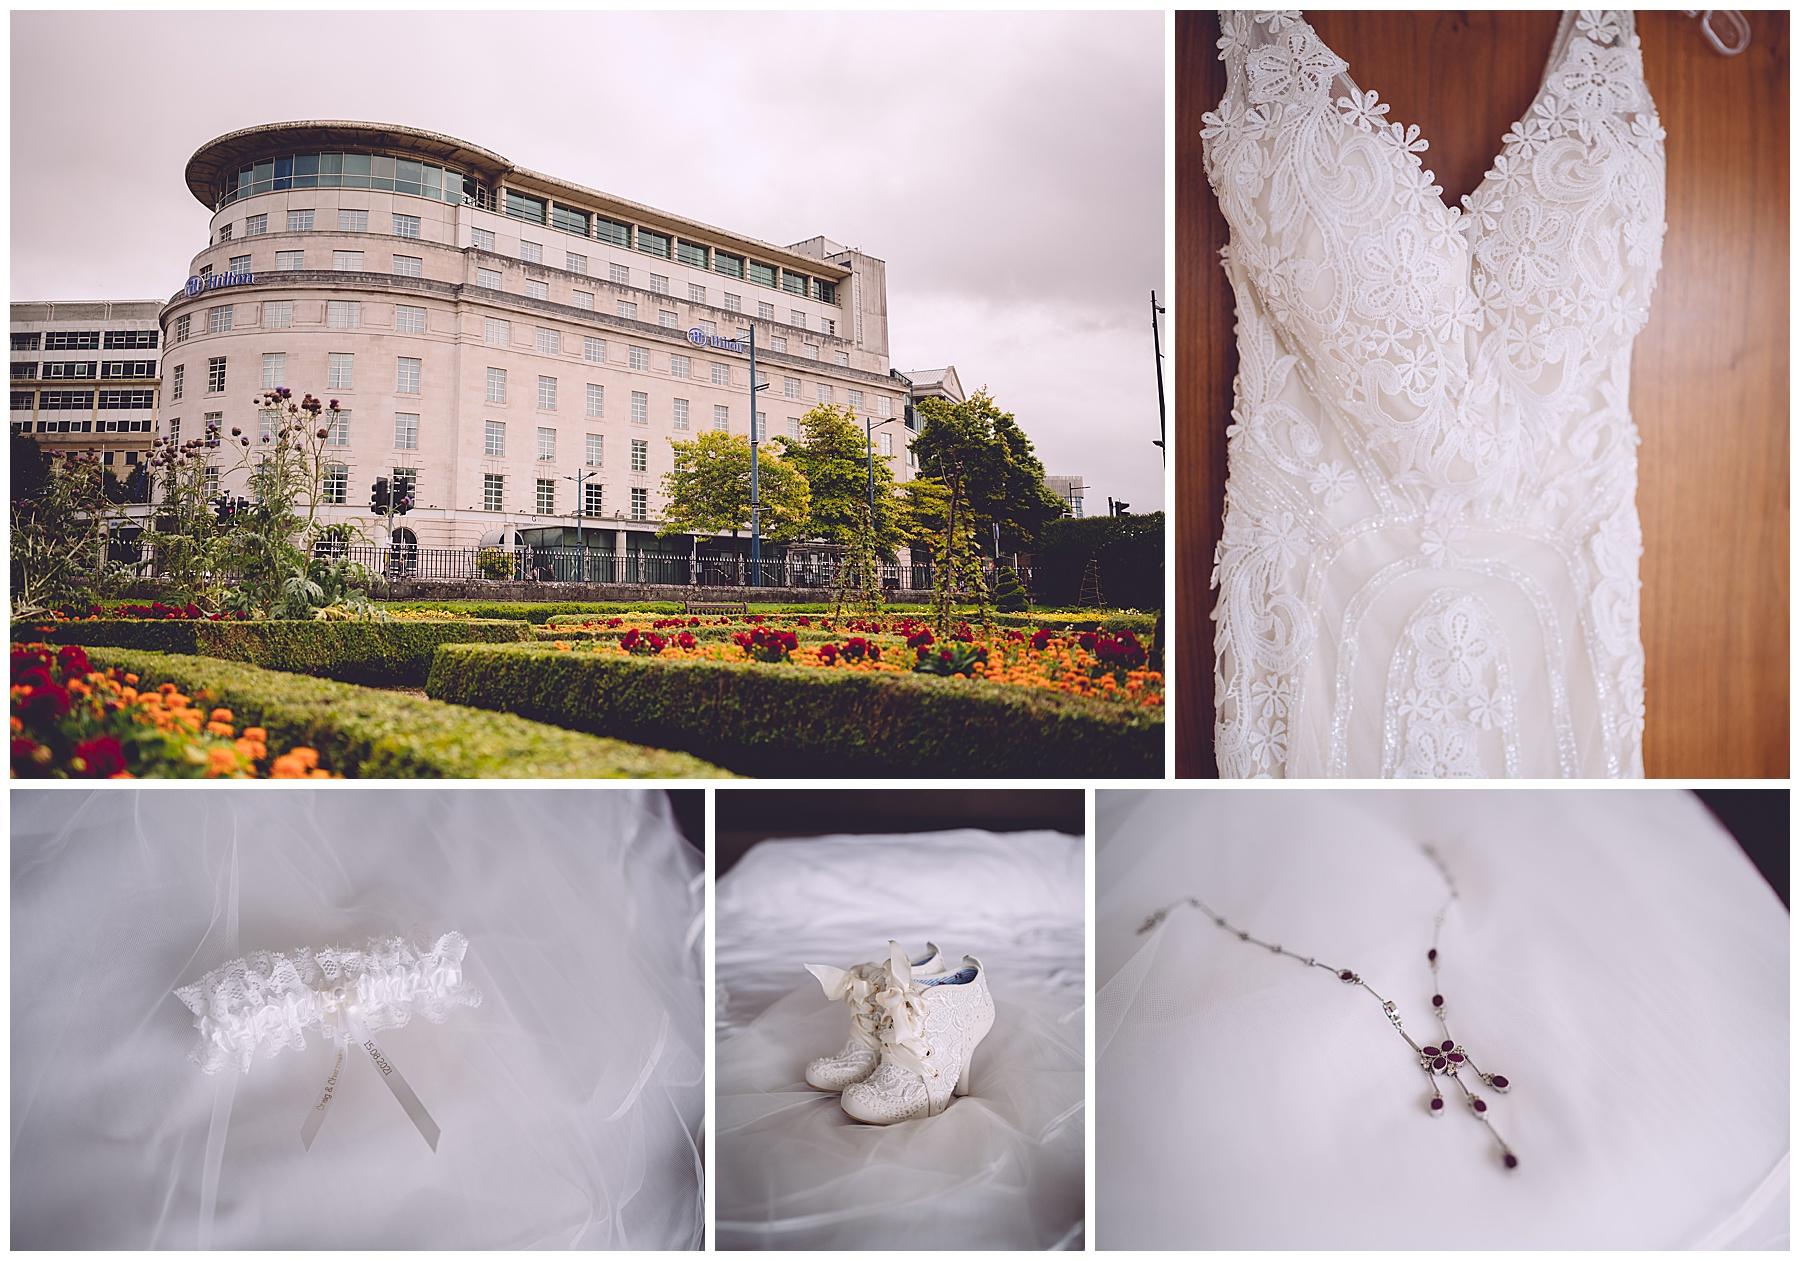 Hilton Hotel Wedding Preparations